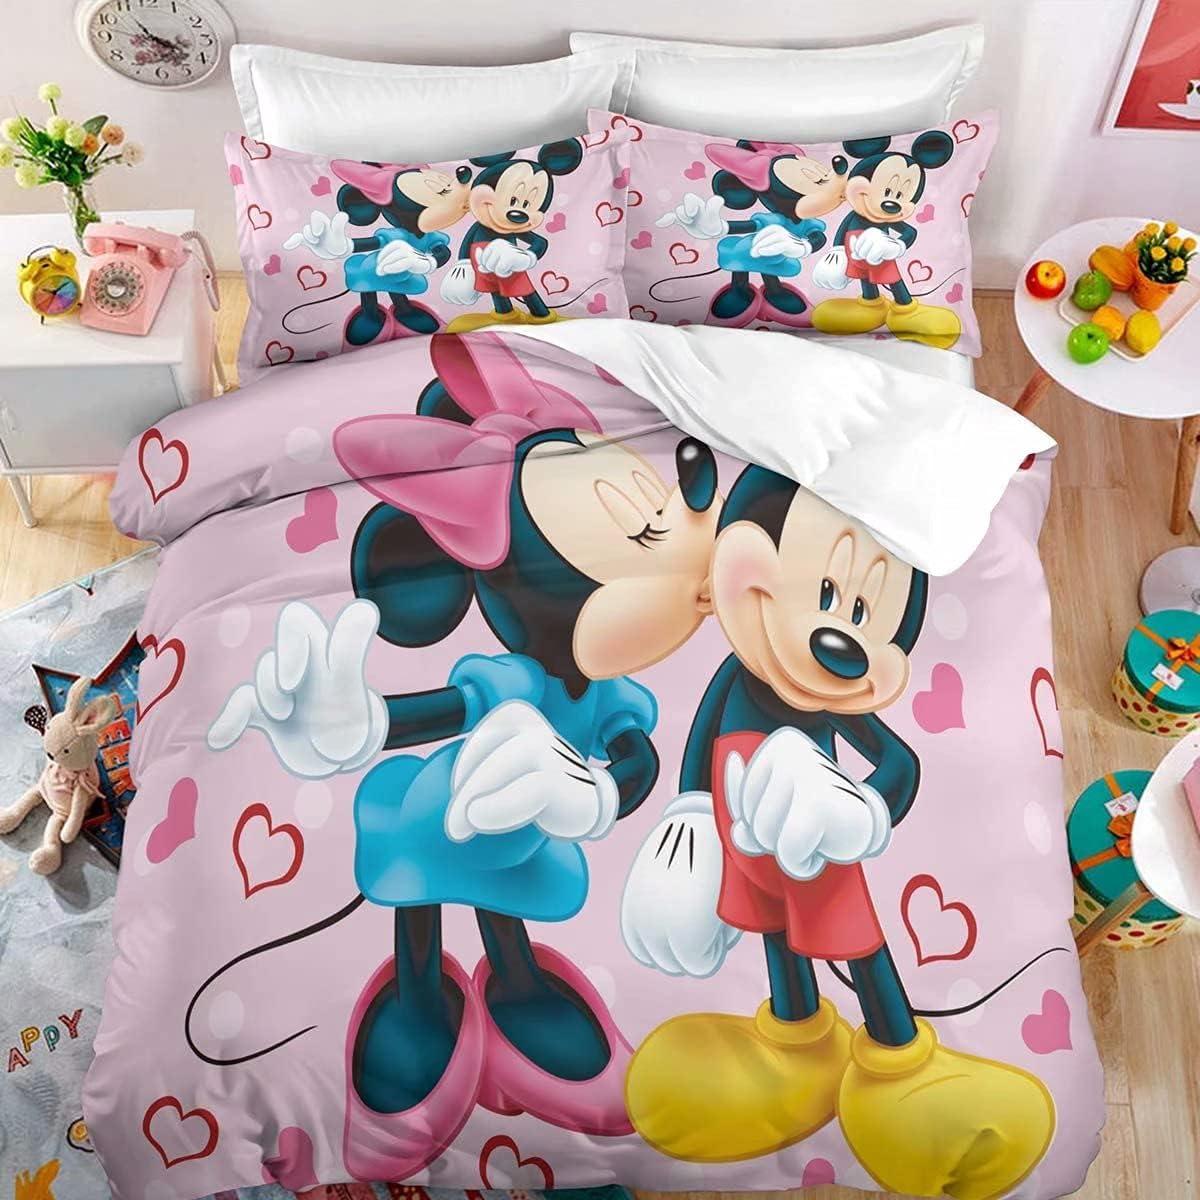 3D Mickey Max Excellence 80% OFF Minnie Mouse Cartoon Kids Duvet Comforter Queen Girls